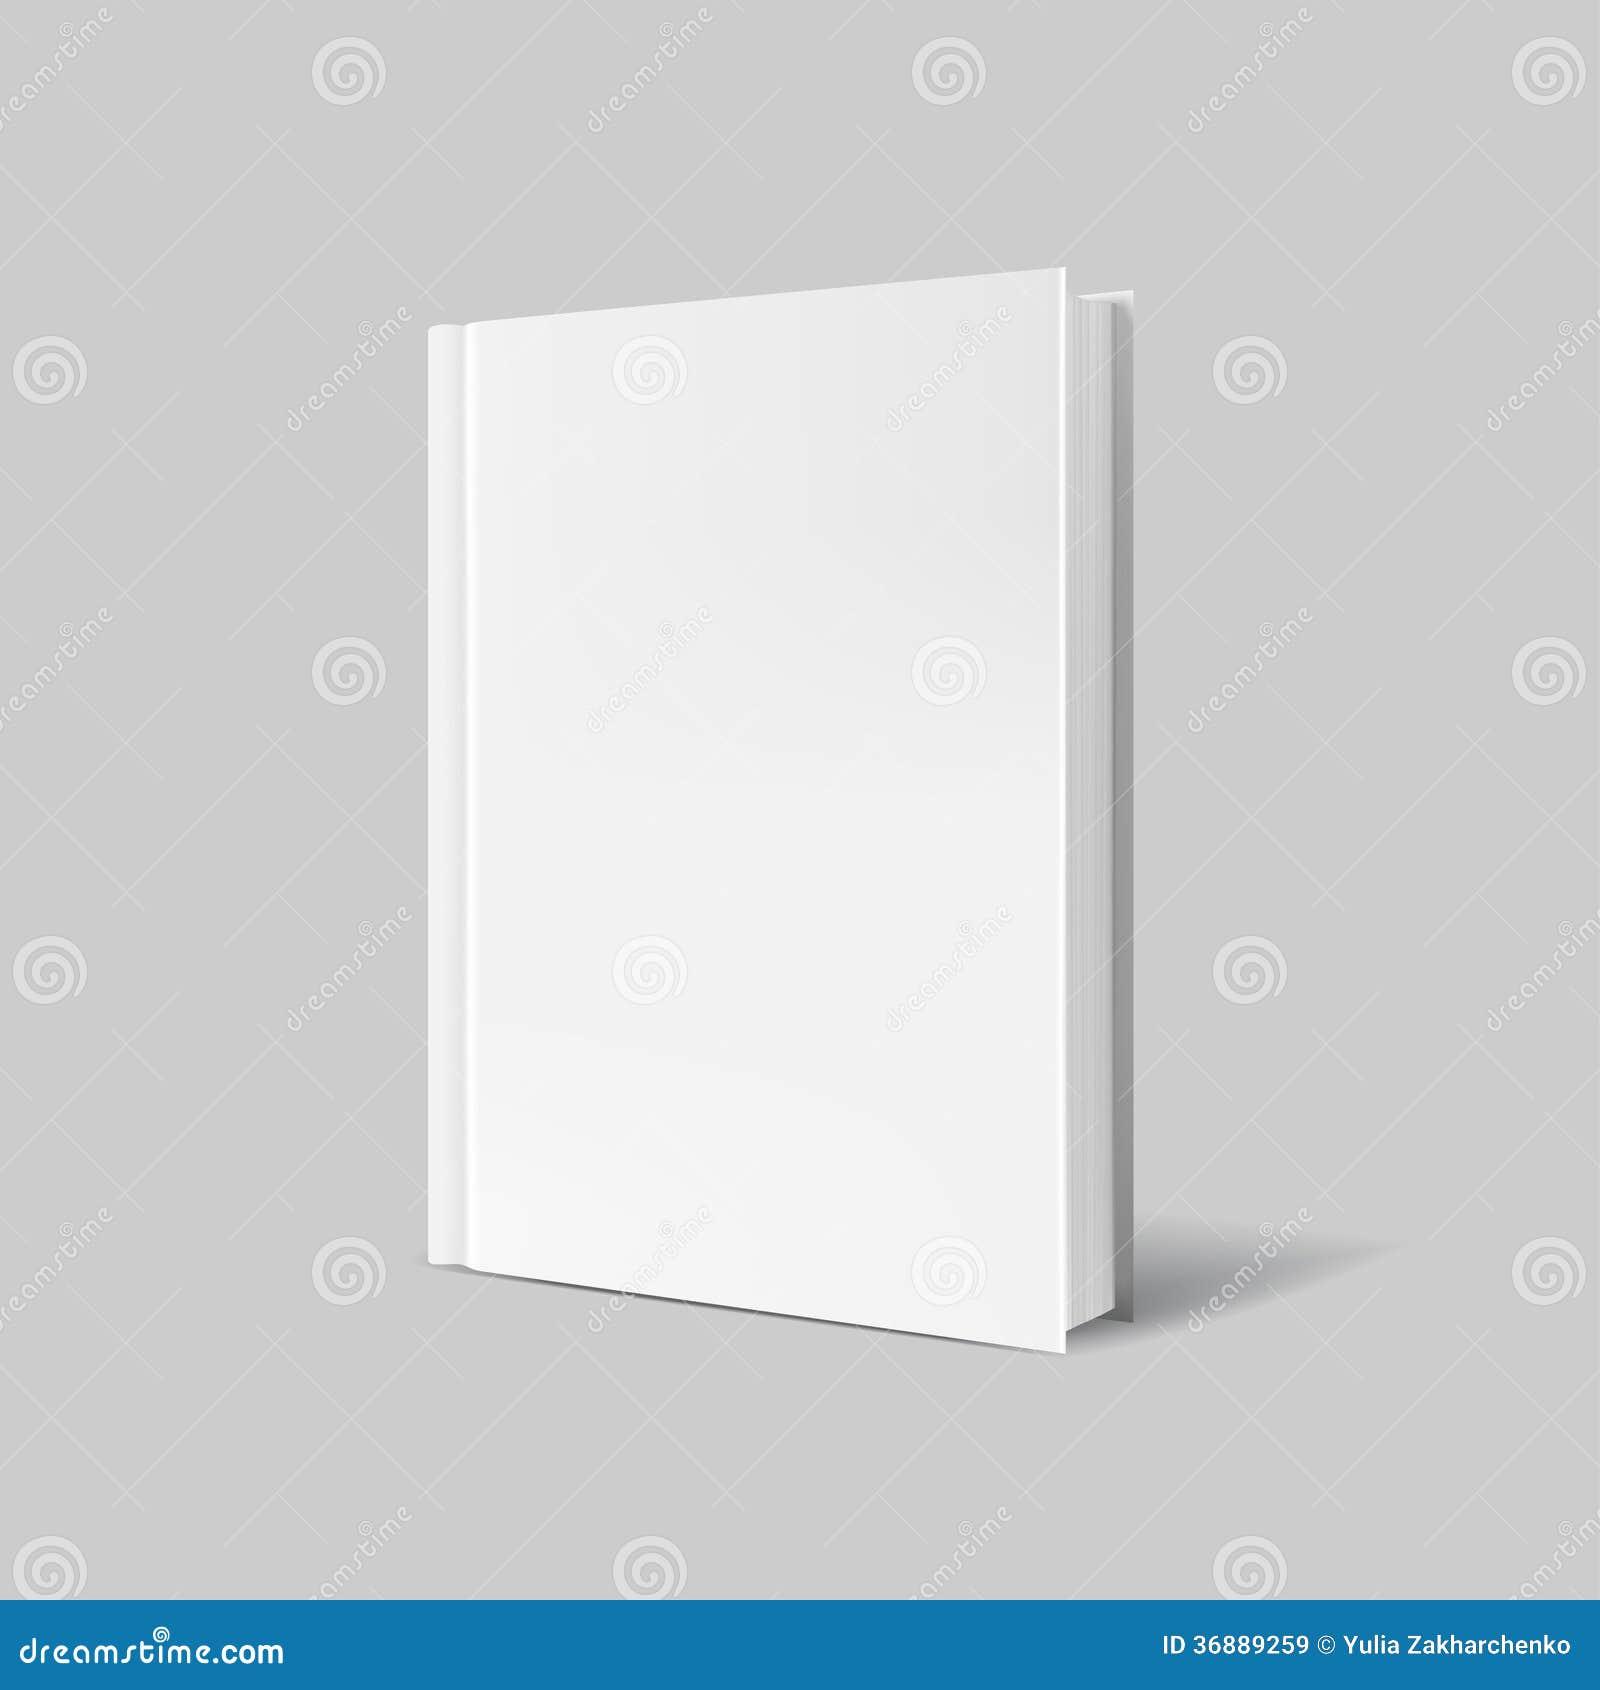 Download Copertina Di Libro In Bianco Sopra Fondo Grigio Illustrazione Vettoriale - Illustrazione di front, advertise: 36889259